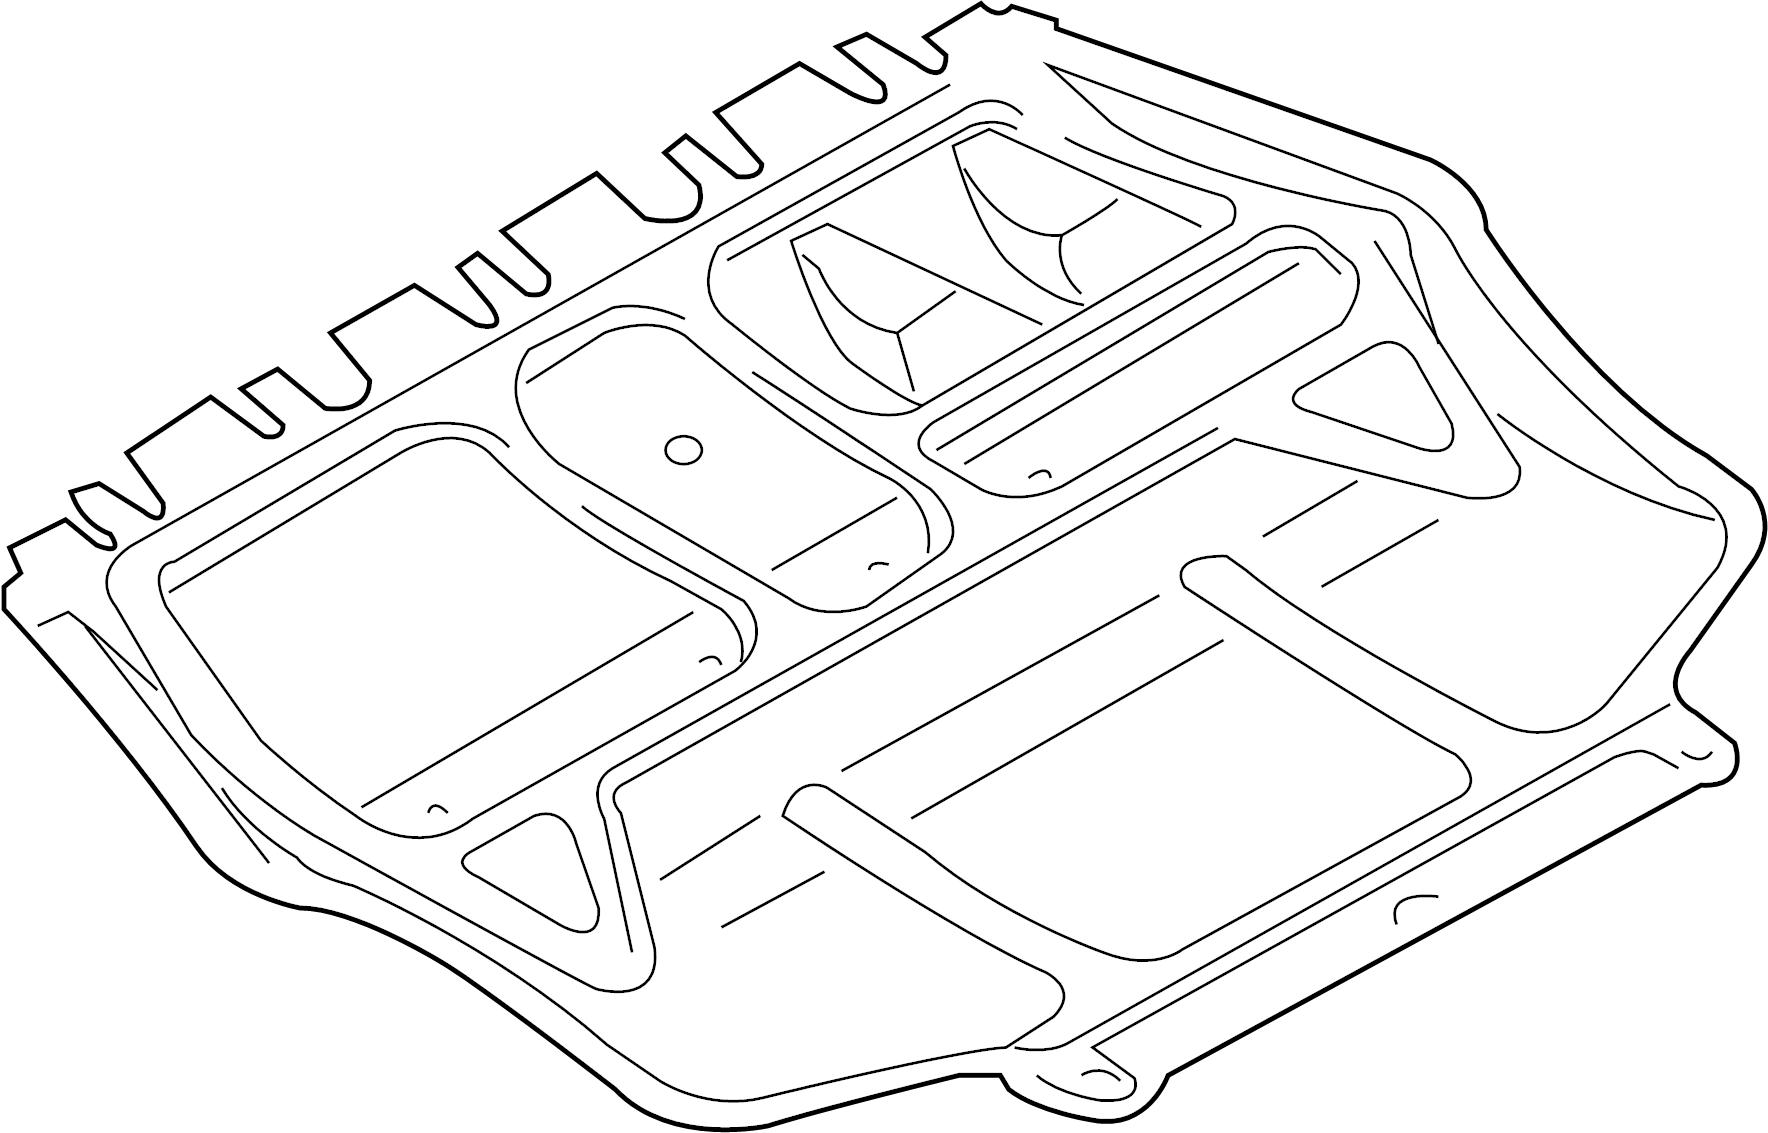 Volkswagen Rabbit Baffle. Splash shield. Audi; volkswagen